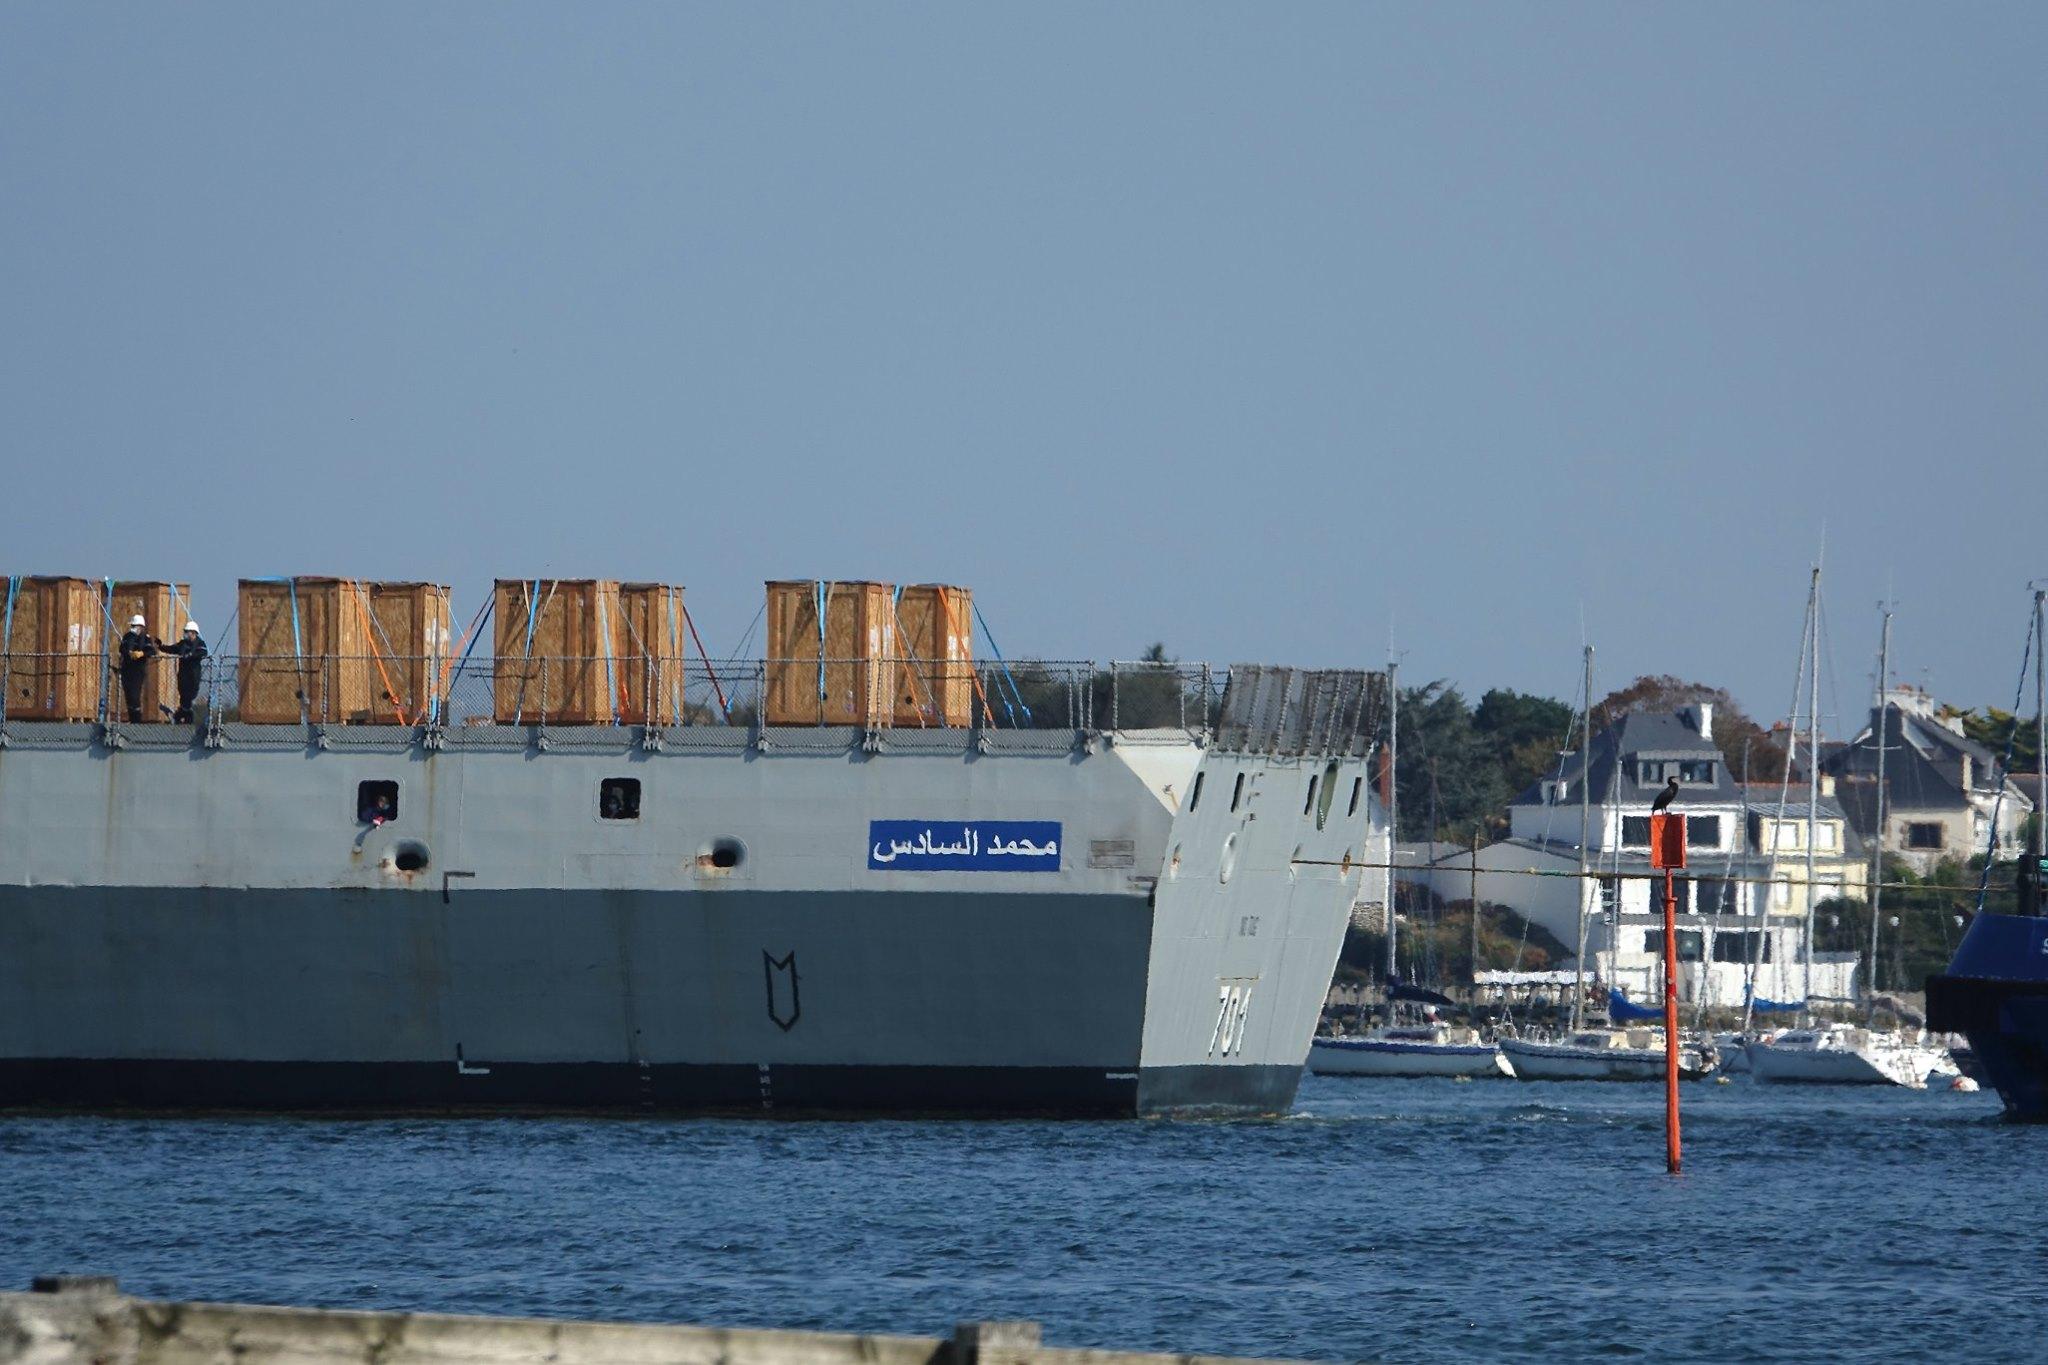 Royal Moroccan Navy FREMM Frigate / FREMM Marocaine - Mohammed VI - Page 14 50383674041_ac5f21f005_o